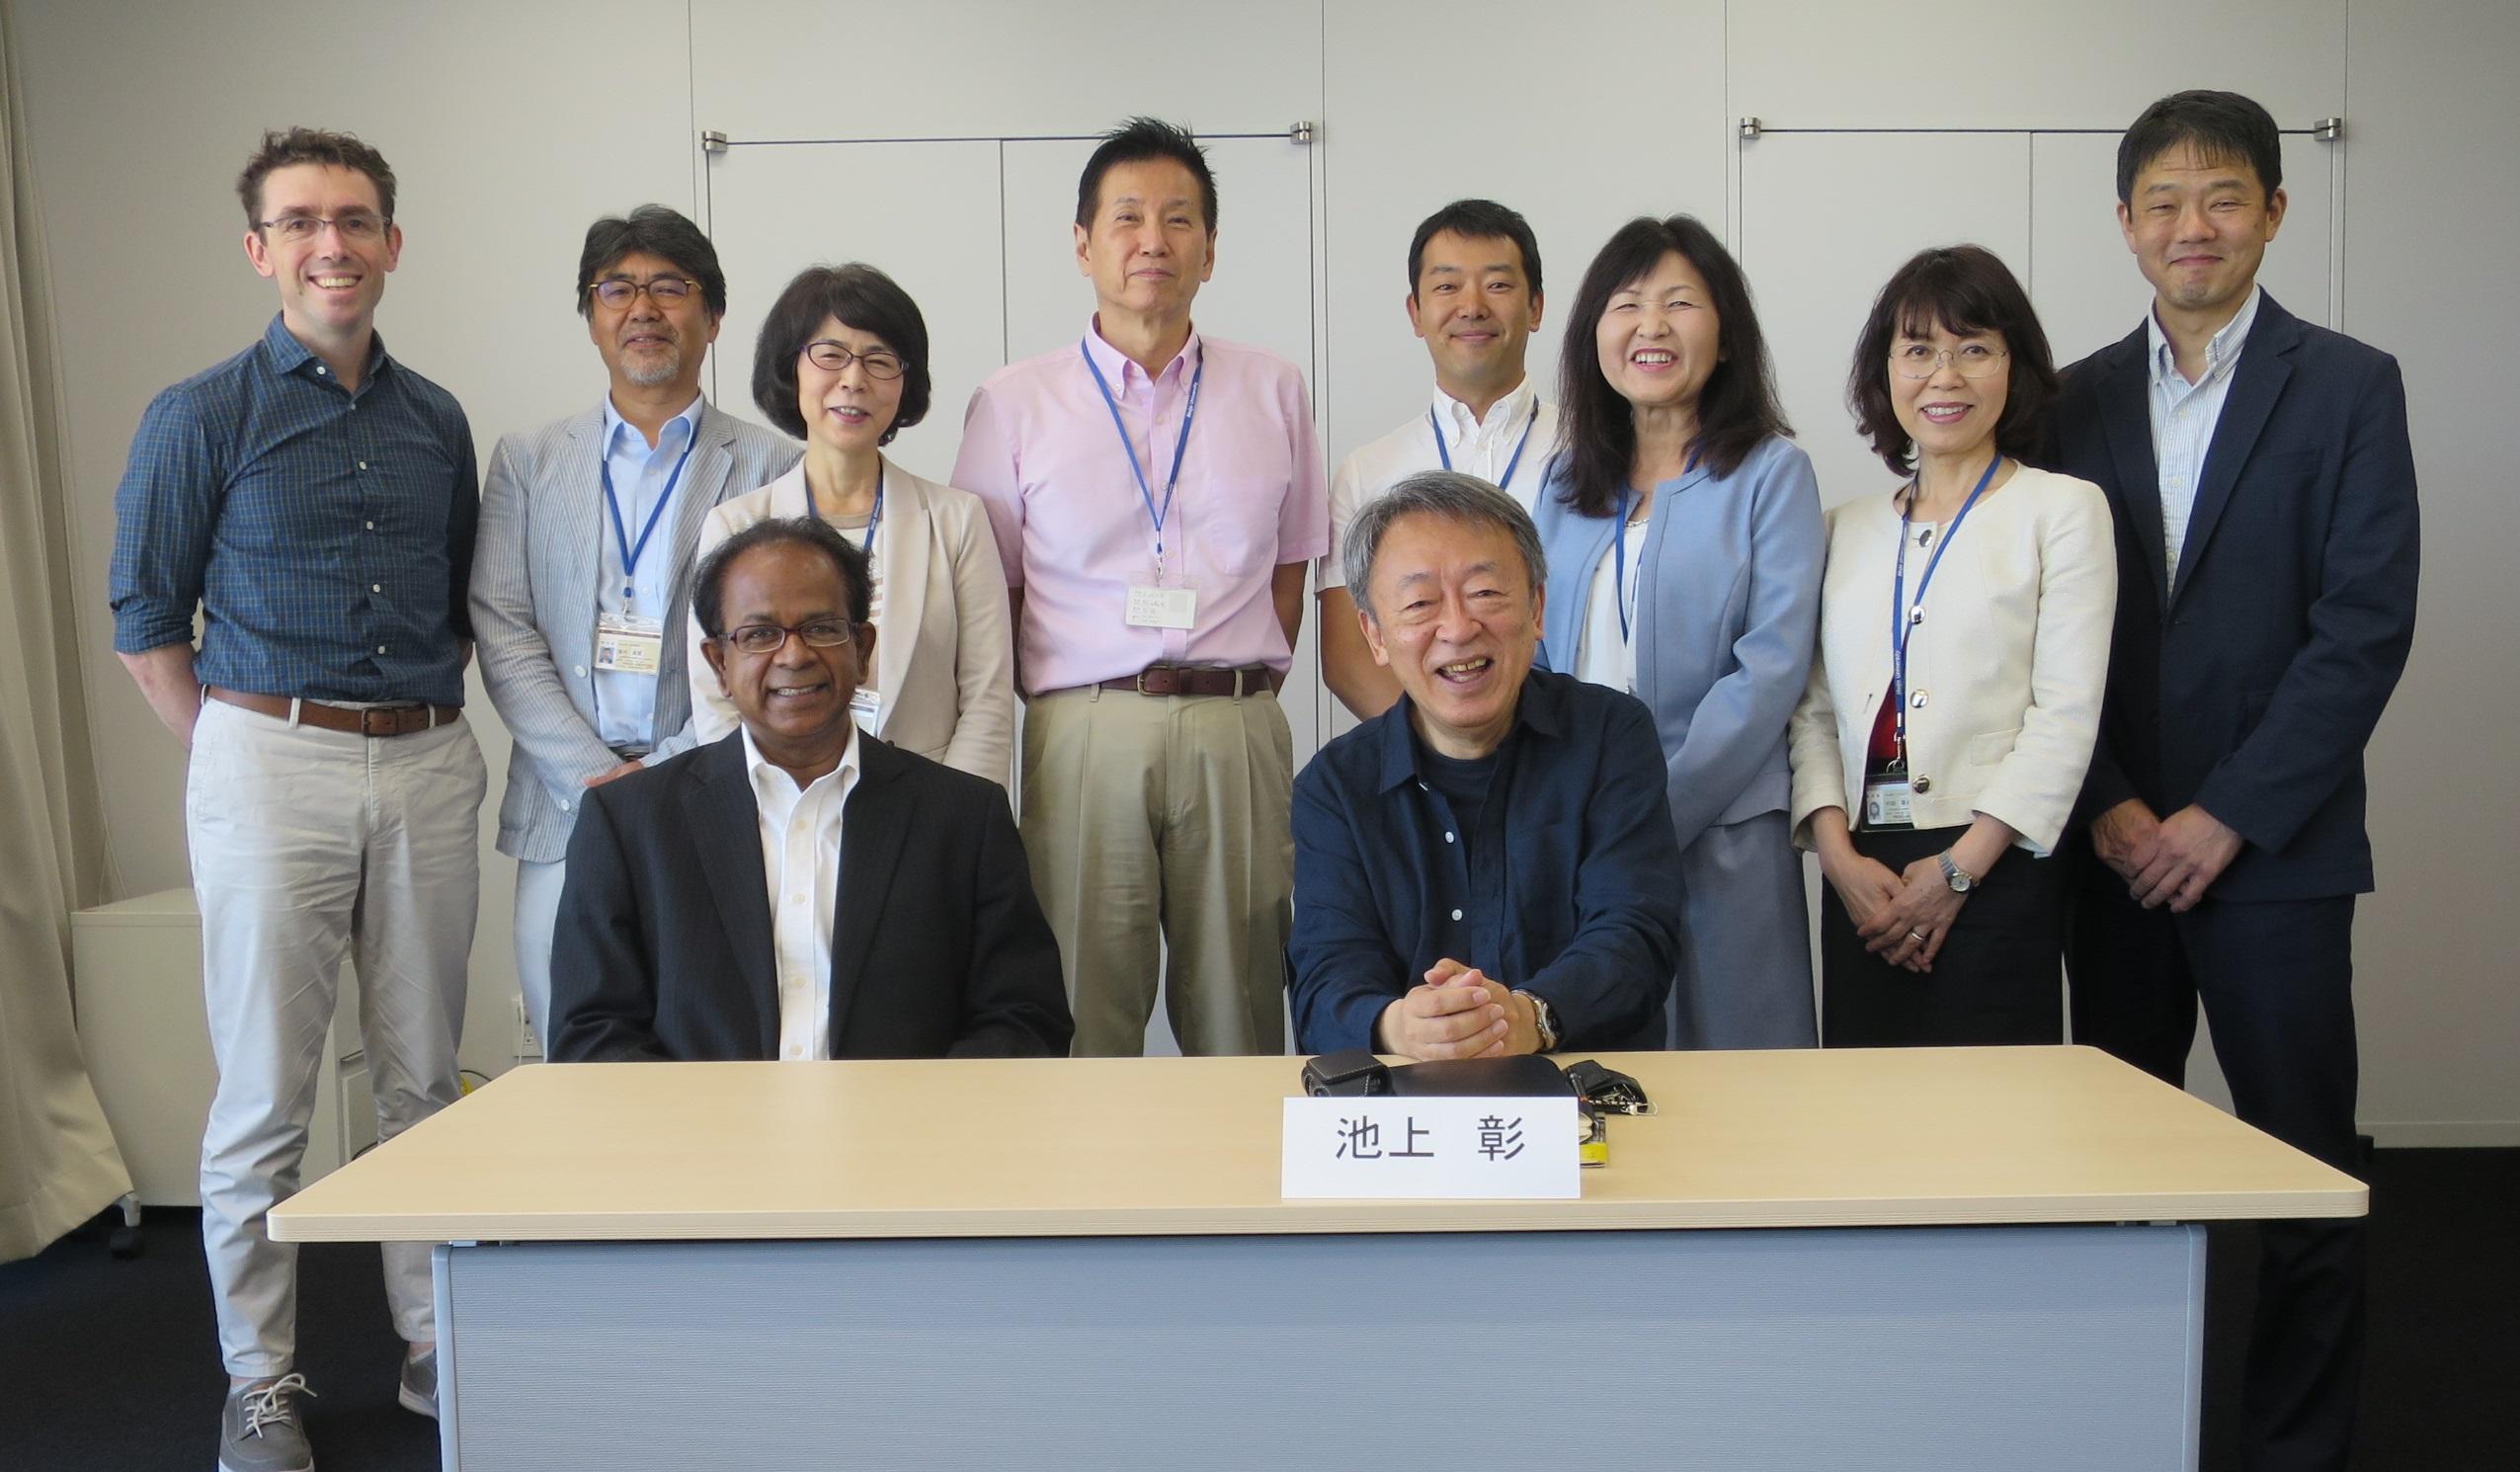 教育・研究内容の向上にスクラムを組む外国語学部の教員たちと池上彰教授